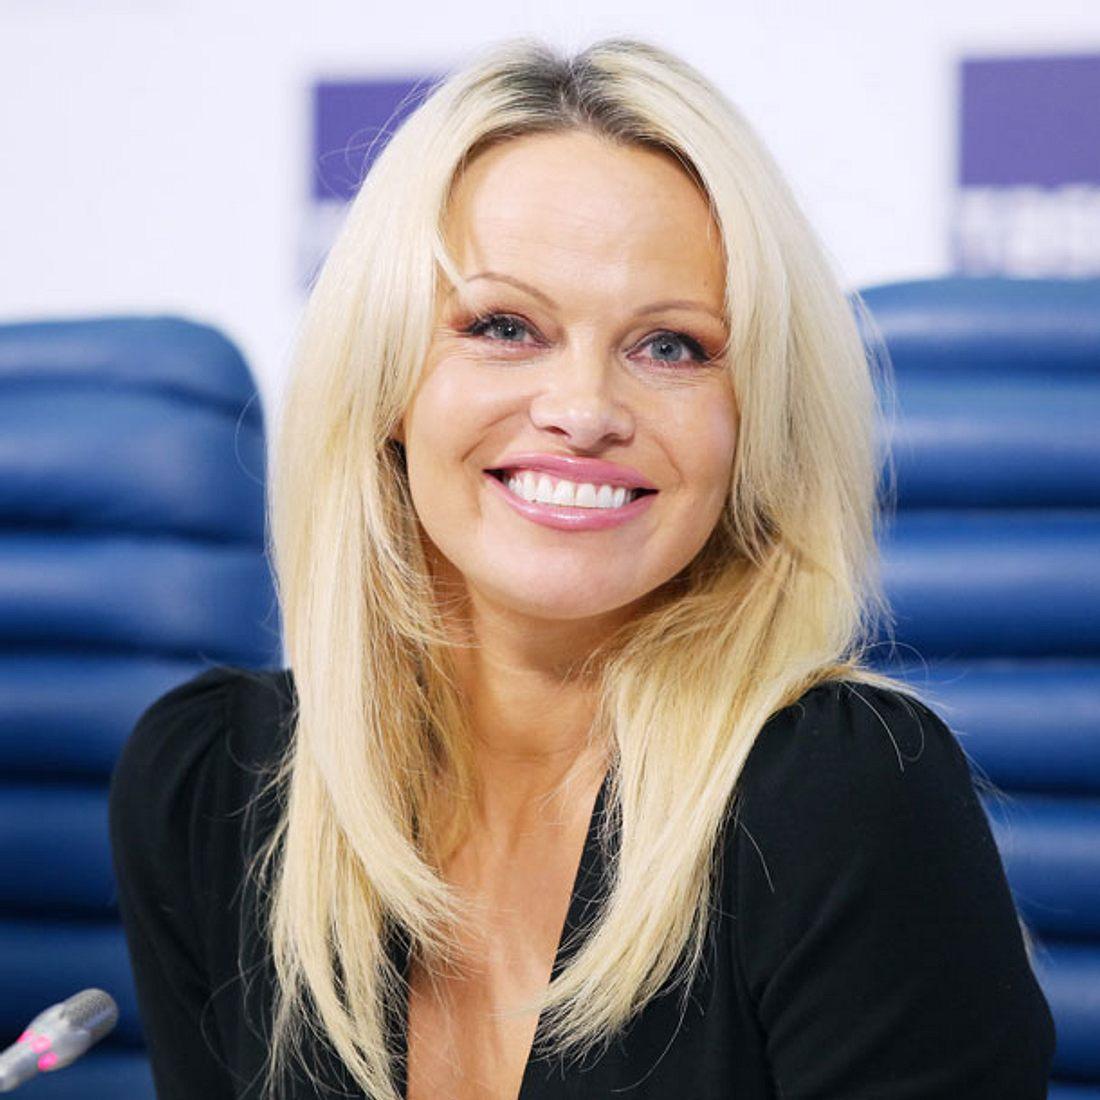 Kommt Pamela Anderson zu Baywatch zurück?